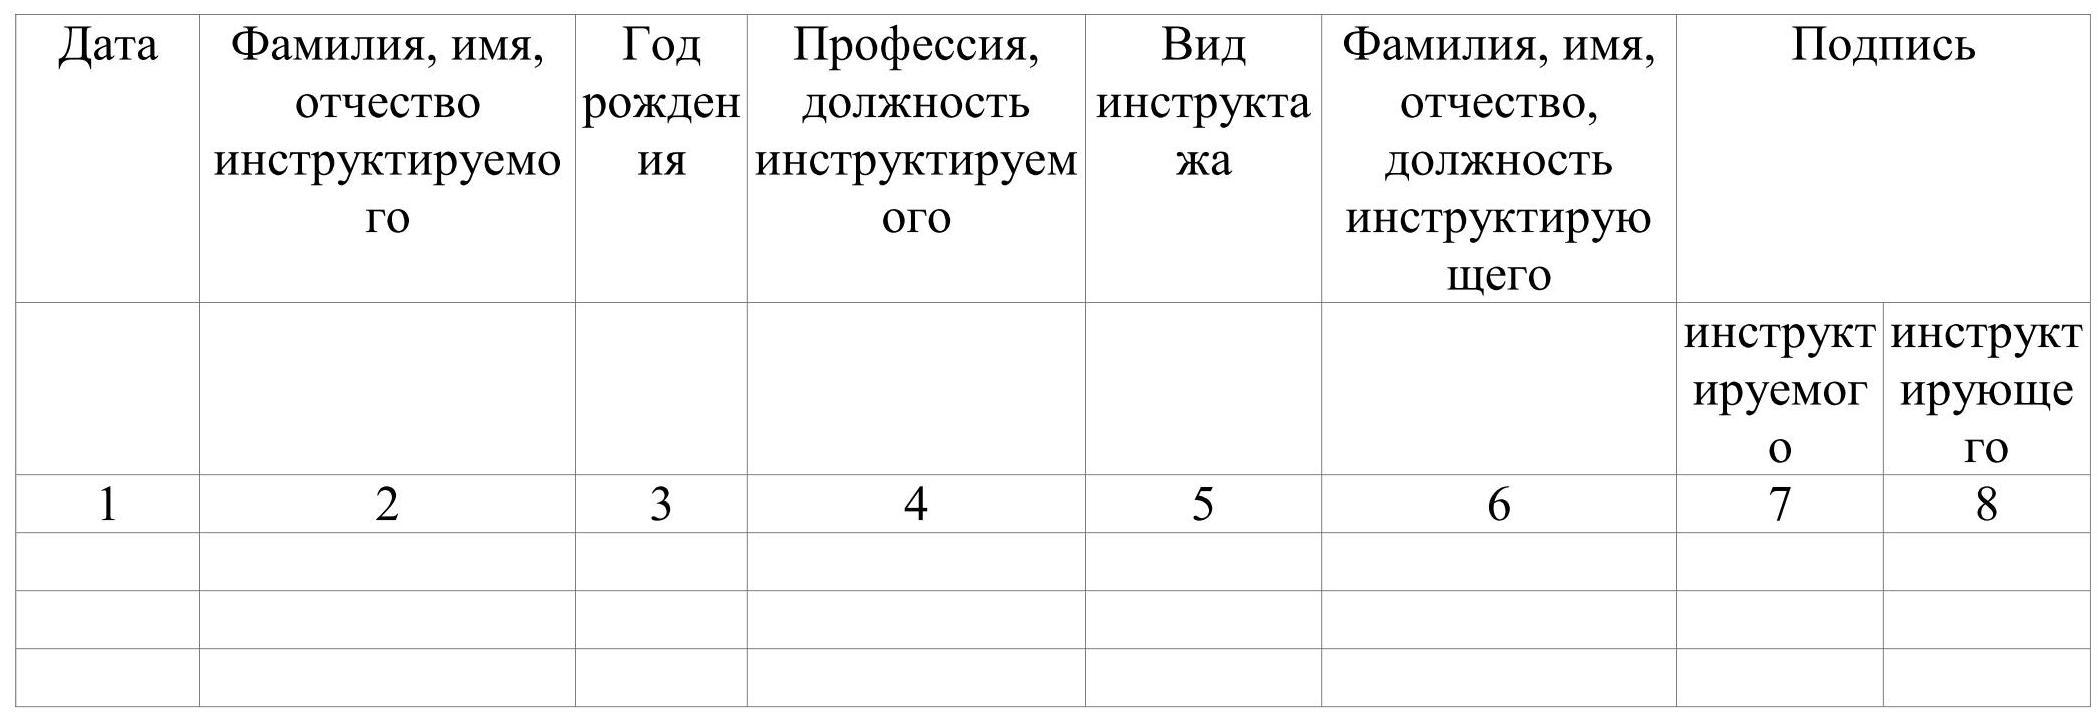 инструкция по проведению вводного инструктажа в администрации